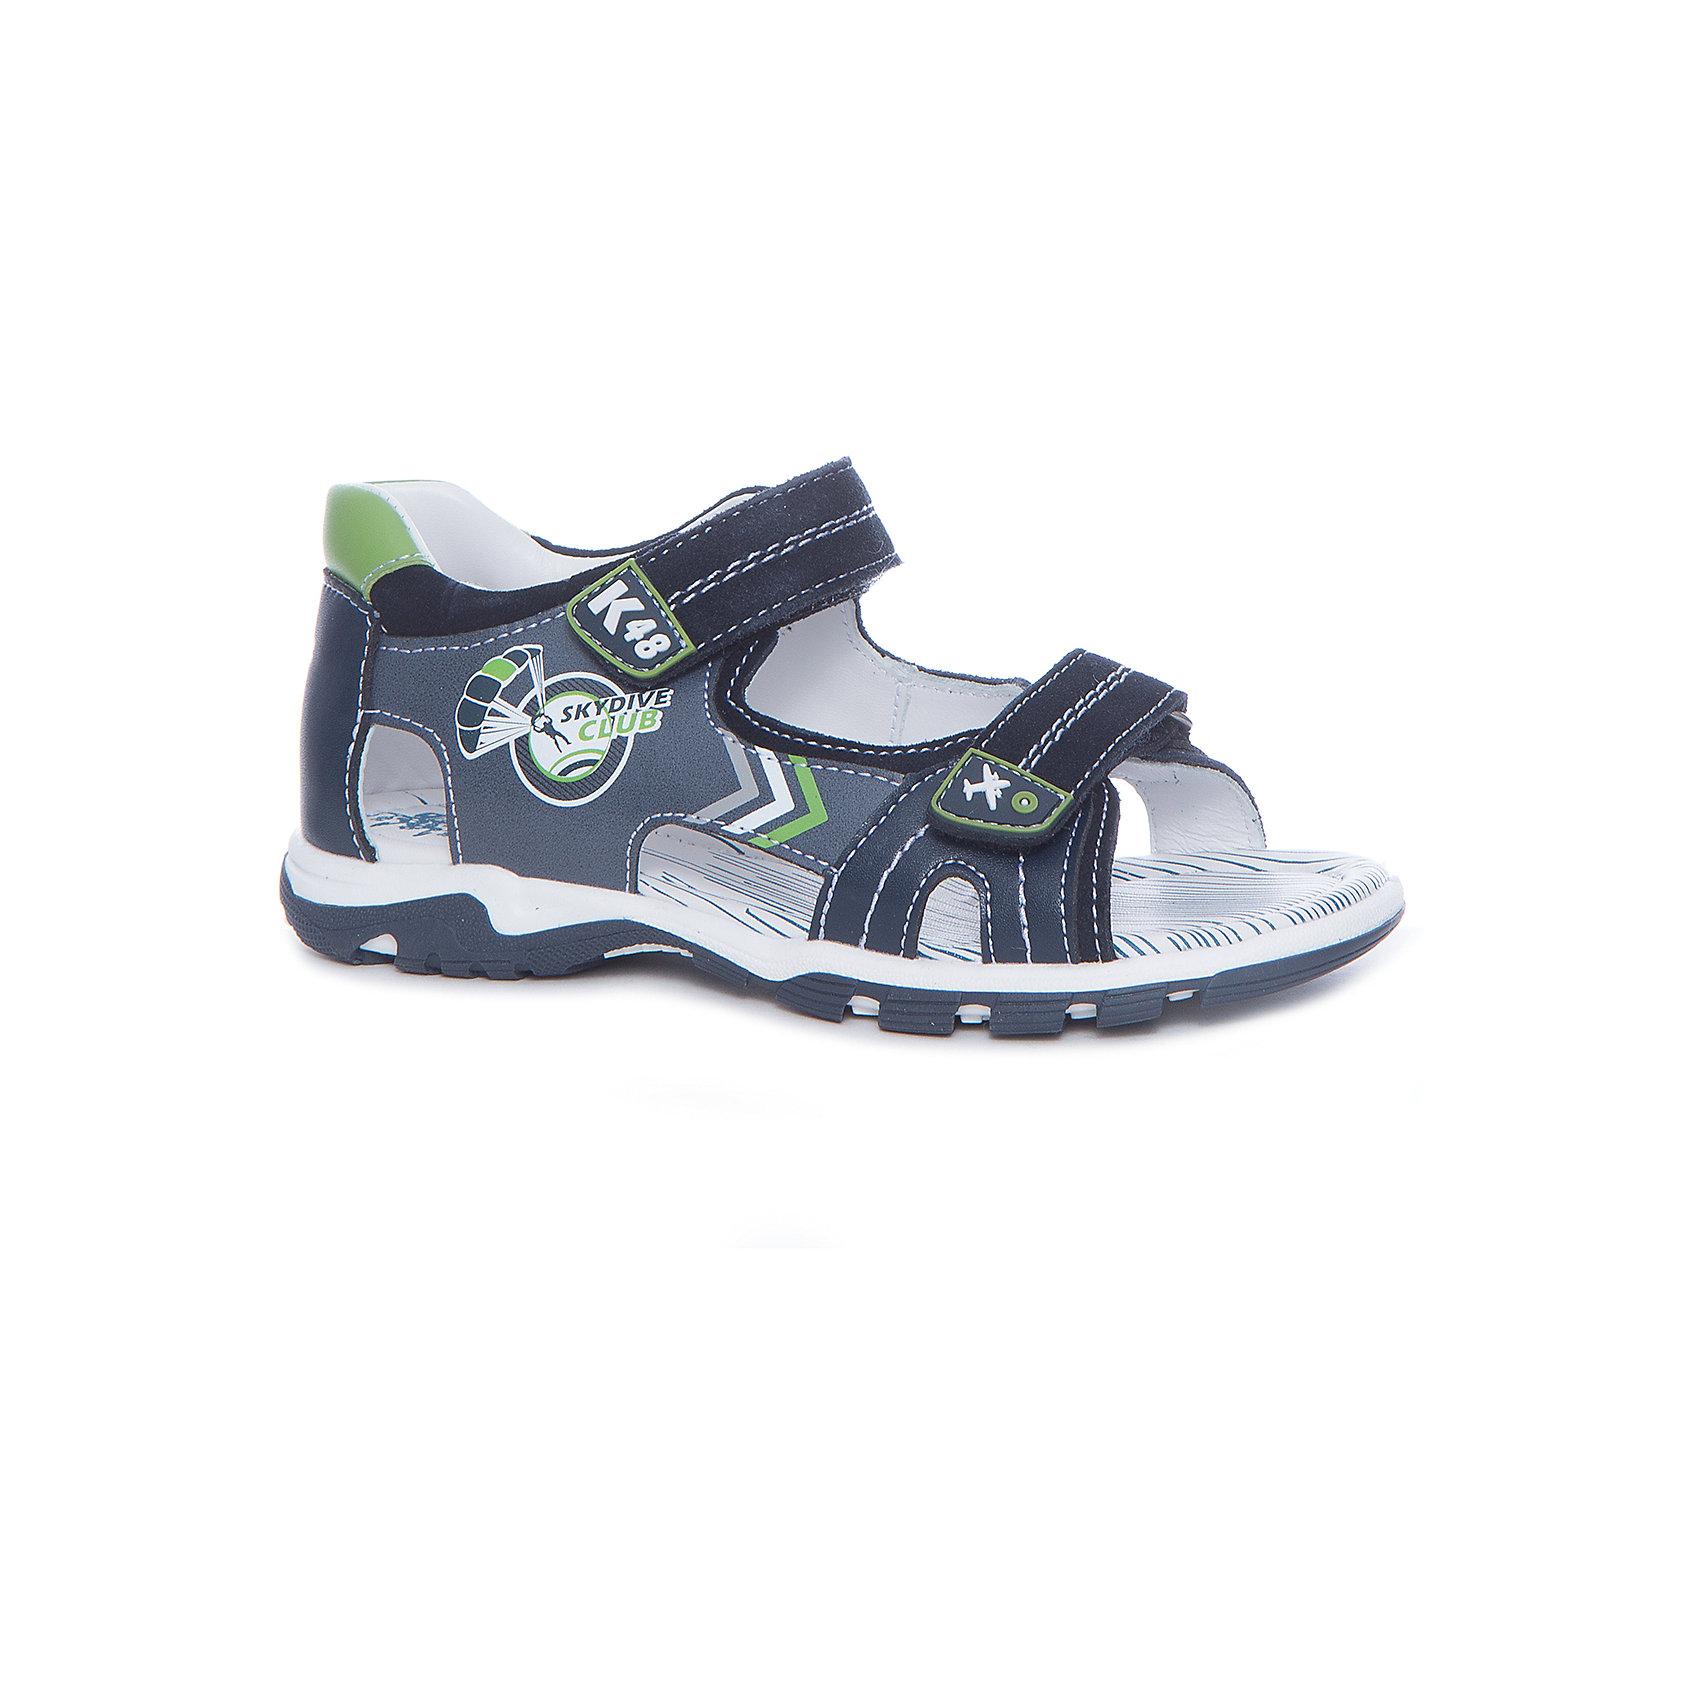 Сандалии для мальчика KAPIKA, синий, графитСандалии<br>Характеристики товара:<br><br>• цвет: синий, серый<br>• тип сандалей: анатомические<br>• внешний материал обуви: натуральная кожа, экокожа<br>• внутренний материал: натуральная кожа<br>• стелька: натуральная кожа<br>• подошва: ТЭП<br>• с открытым мысом<br>• тип застежки: на липучке<br>• сезон: лето<br>• страна бренда: Россия<br>• страна изготовитель: Китай<br><br>Сандалии открытые для мальчика от российского бренда Kapika (Капика) можно купить в нашем интернет-магазине.<br><br>Ширина мм: 227<br>Глубина мм: 145<br>Высота мм: 124<br>Вес г: 325<br>Цвет: синий<br>Возраст от месяцев: 108<br>Возраст до месяцев: 120<br>Пол: Мужской<br>Возраст: Детский<br>Размер: 33,30,31,32<br>SKU: 5323951